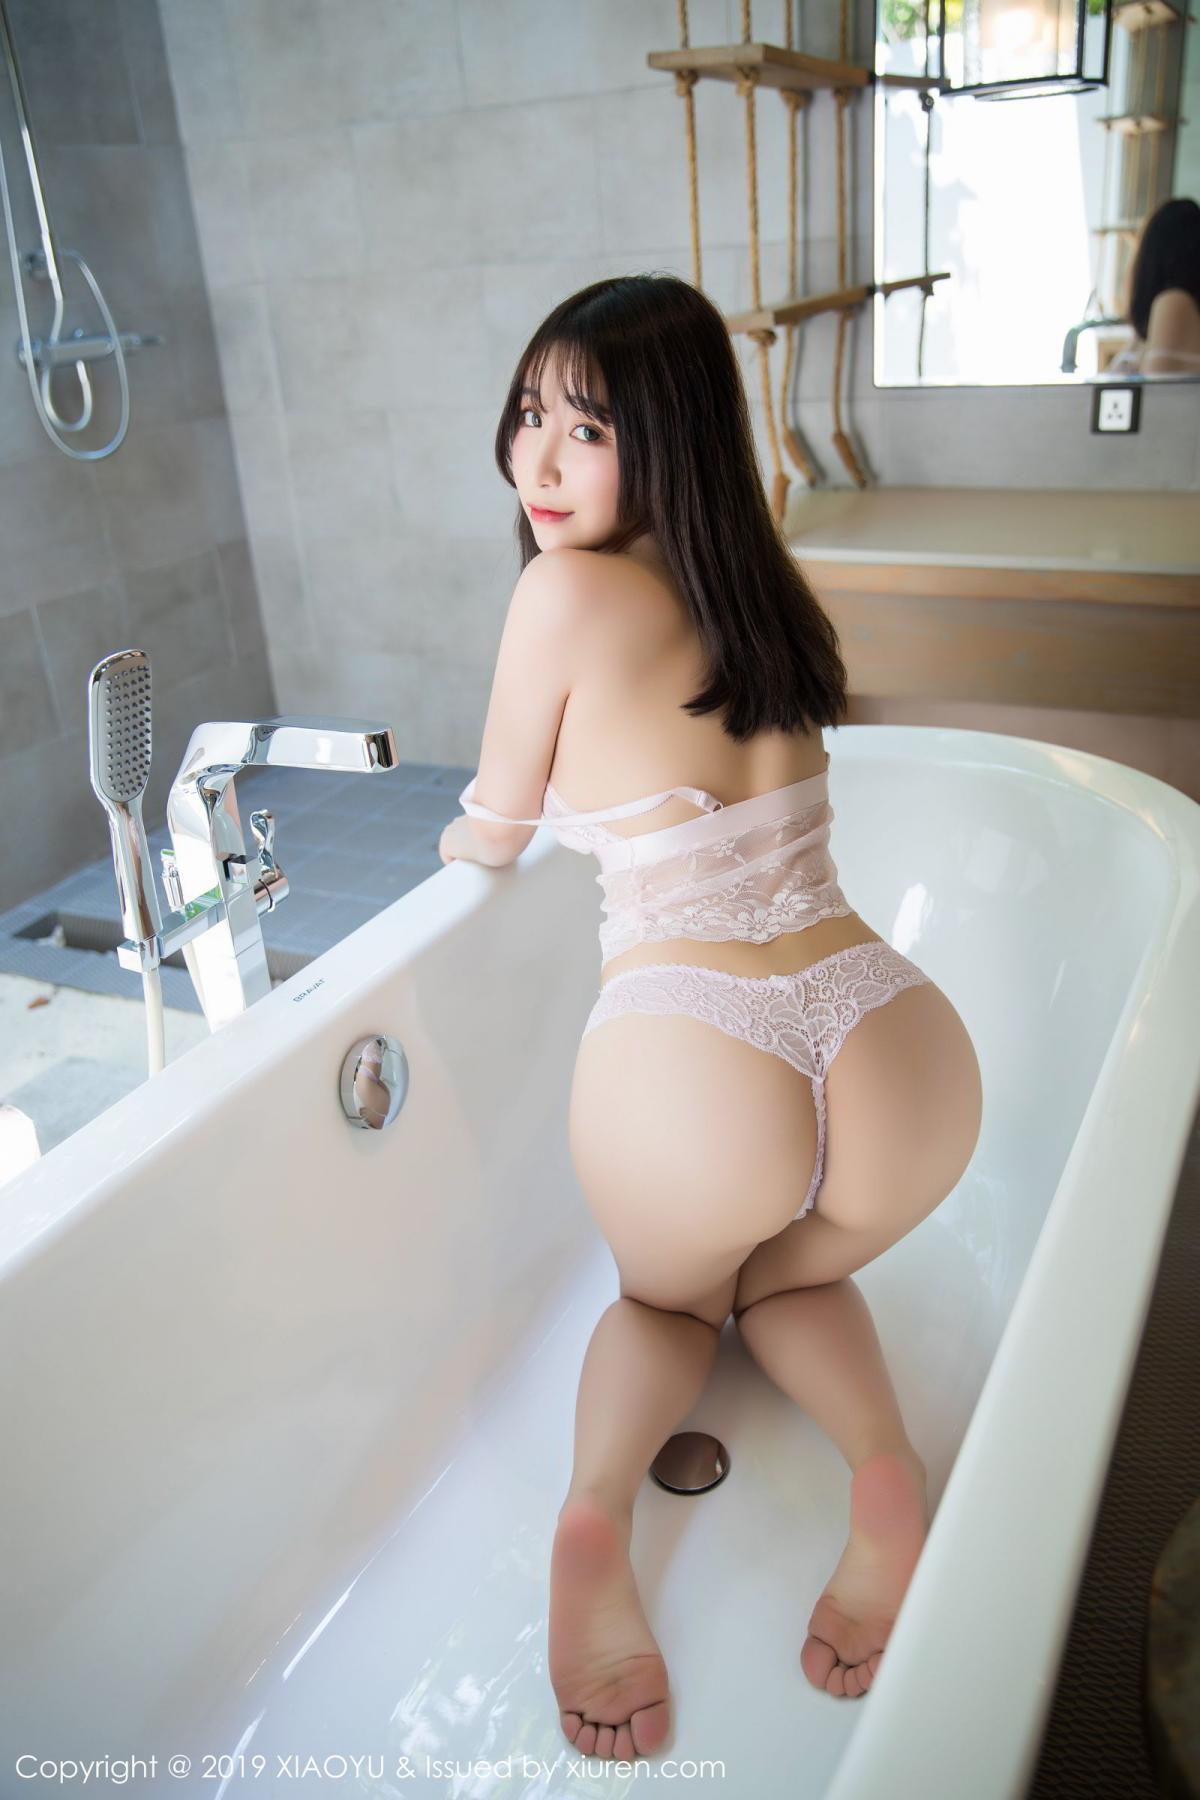 [XiaoYu] Vol.147 Xie Zhi Xin 50P, Bathroom, Big Booty, Wet, XiaoYu, Xie Zhi Xin